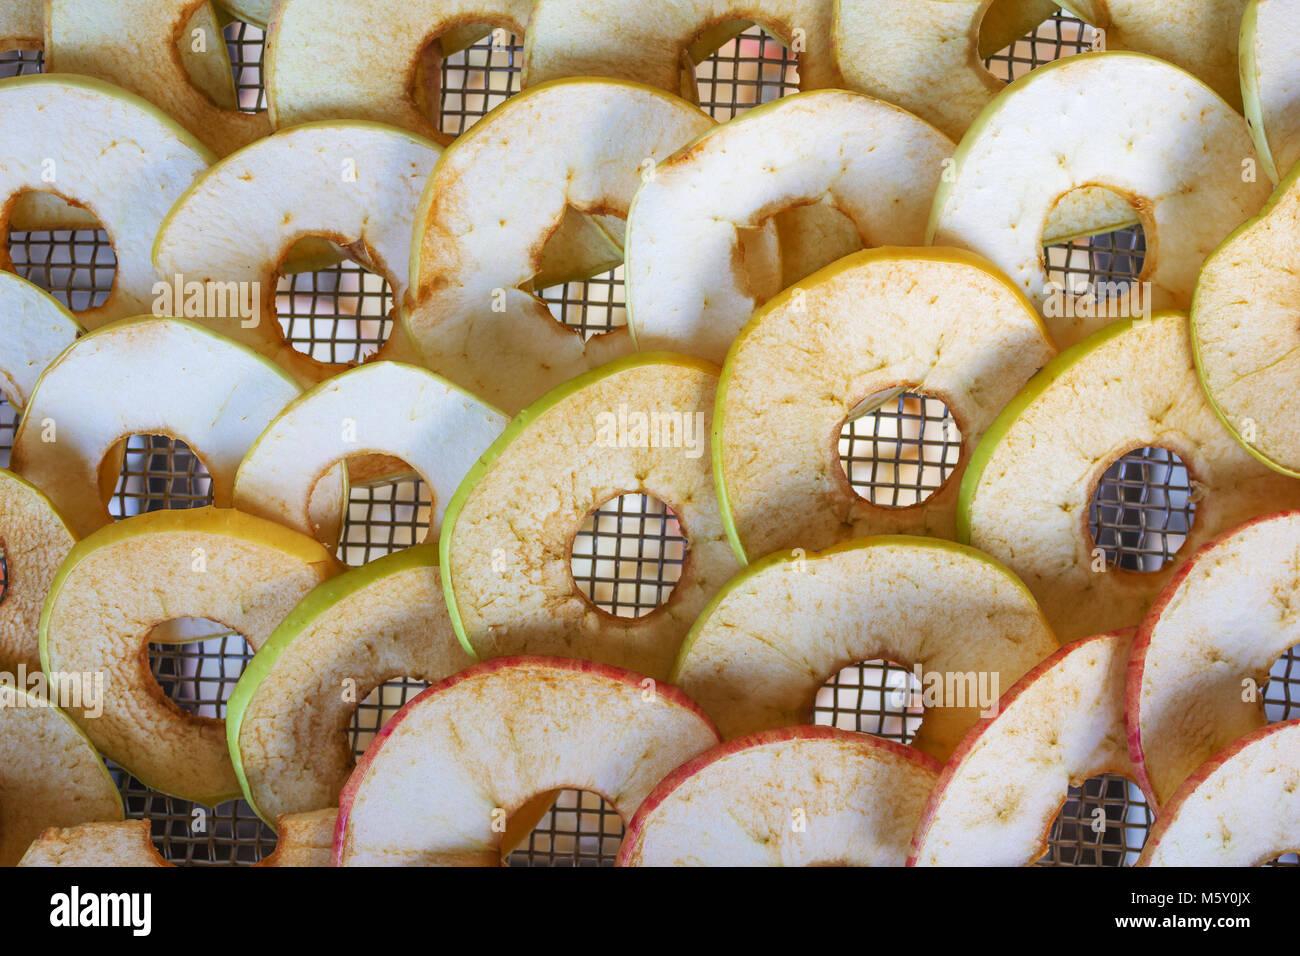 Les pommes sont mis sur la grille, du sèche-linge Photo Stock